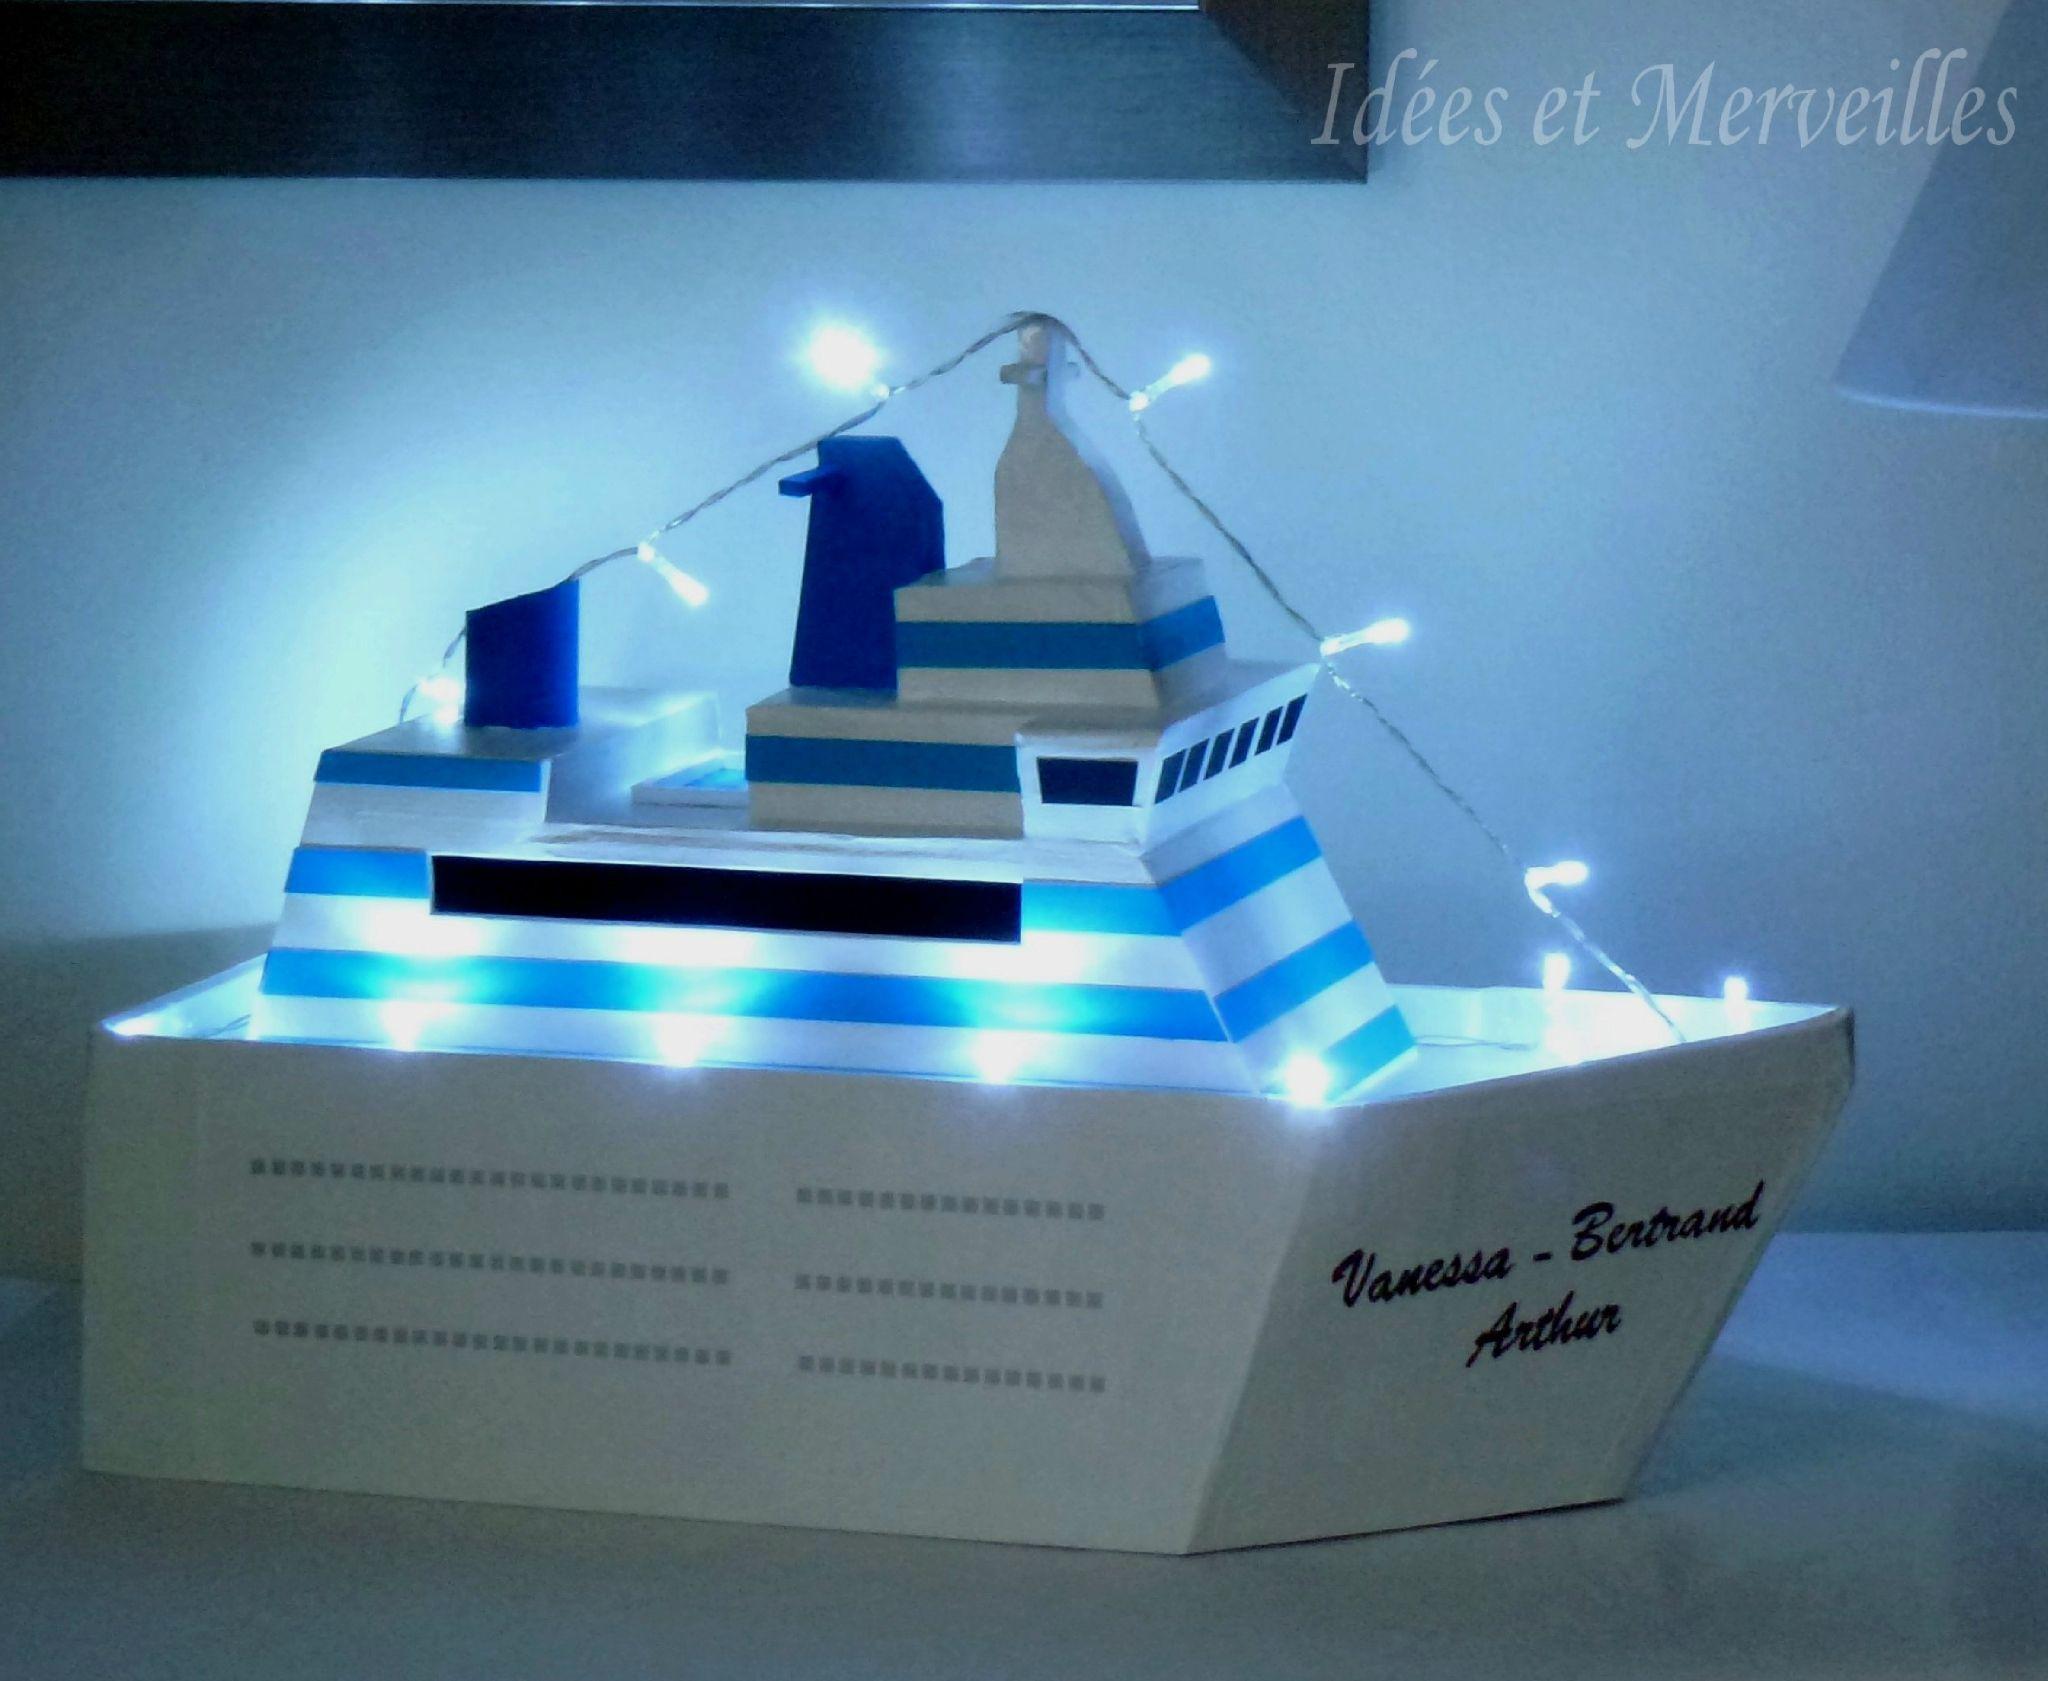 Urne bateau de croisiere turquoise idees et merveilles 1 mariage th me voyage pinterest - Decoration theme mer a faire soi meme ...